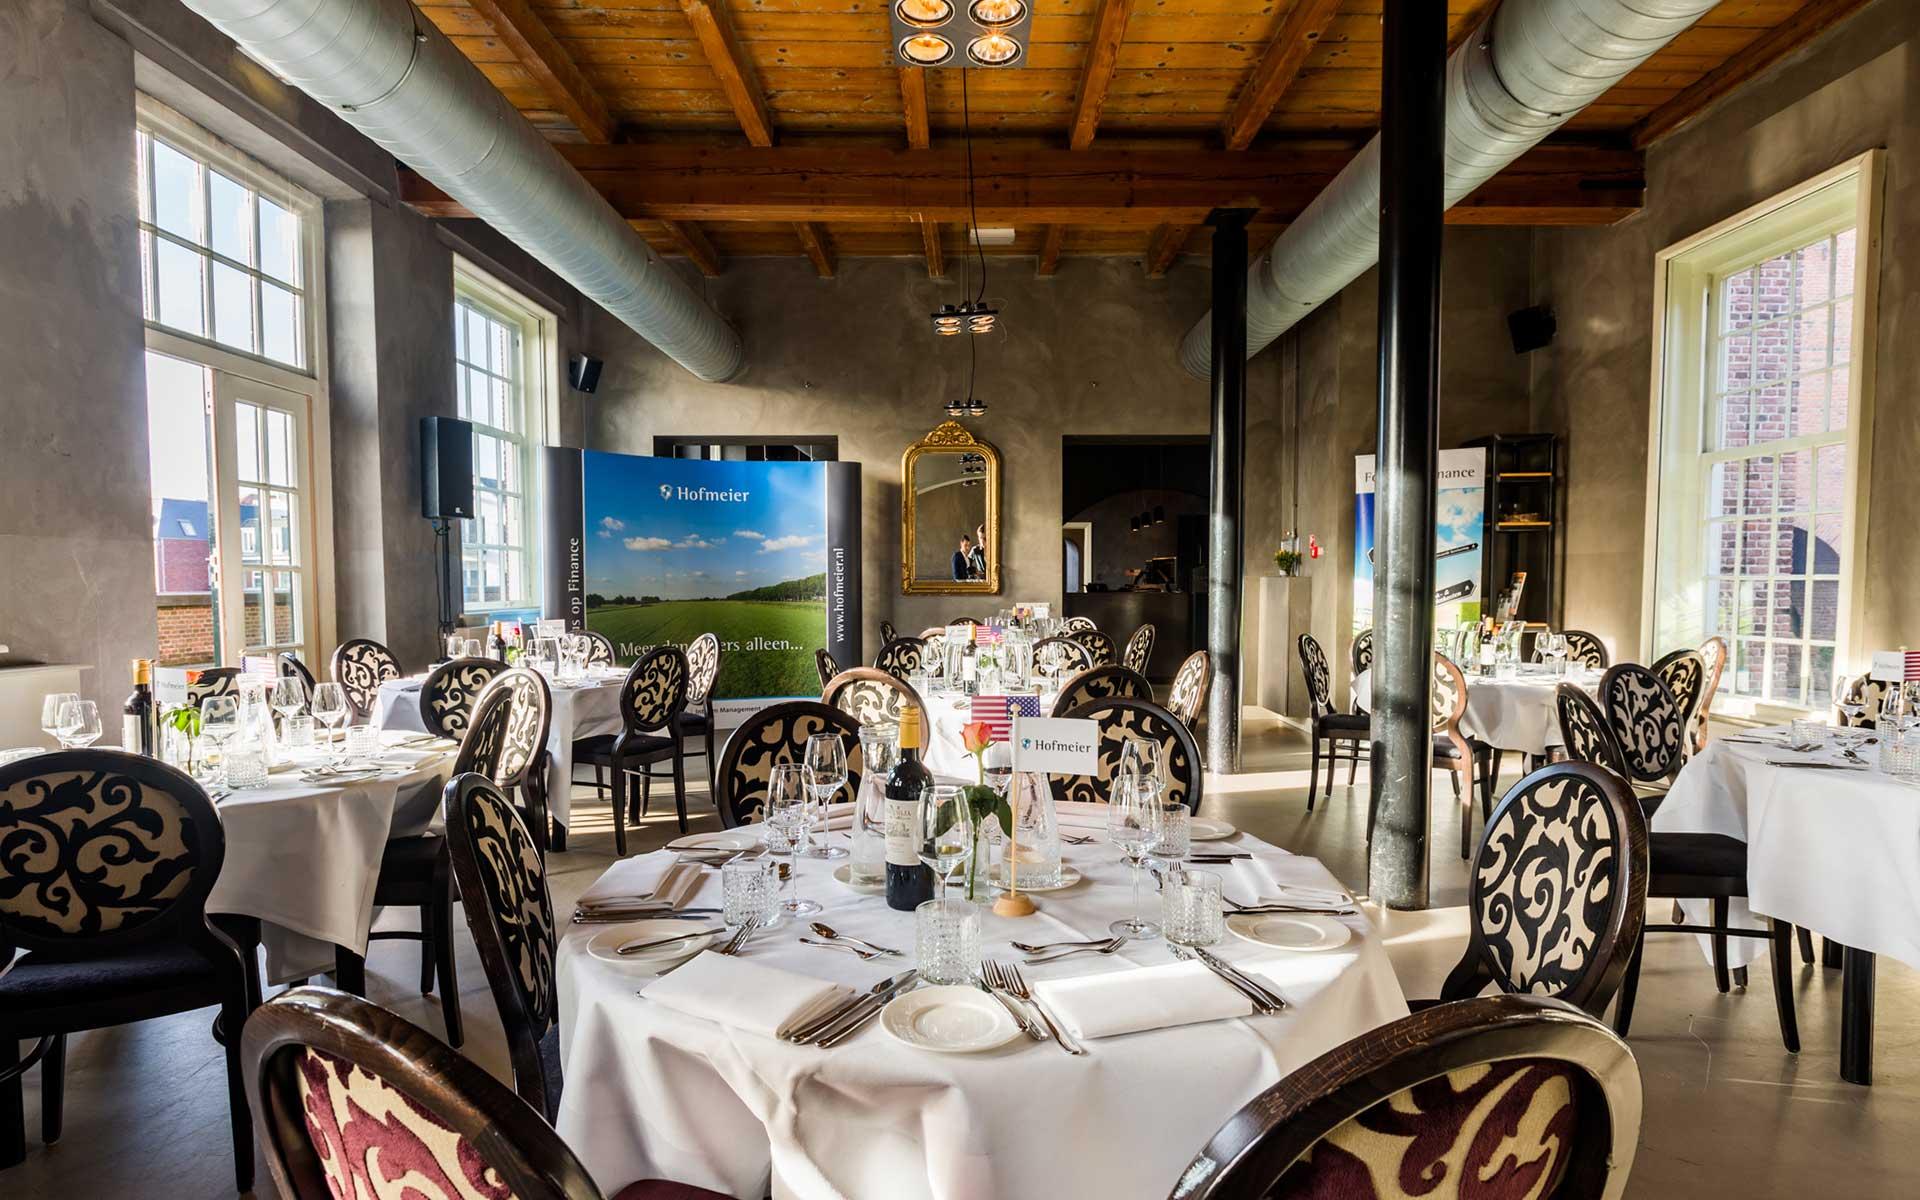 Zakelijke bijeenkomst diner restaurant ronde tafels zakelijk diner Vergaderlocatie Congreslocatie Vergaderzaal Locatie training ALV ruimte